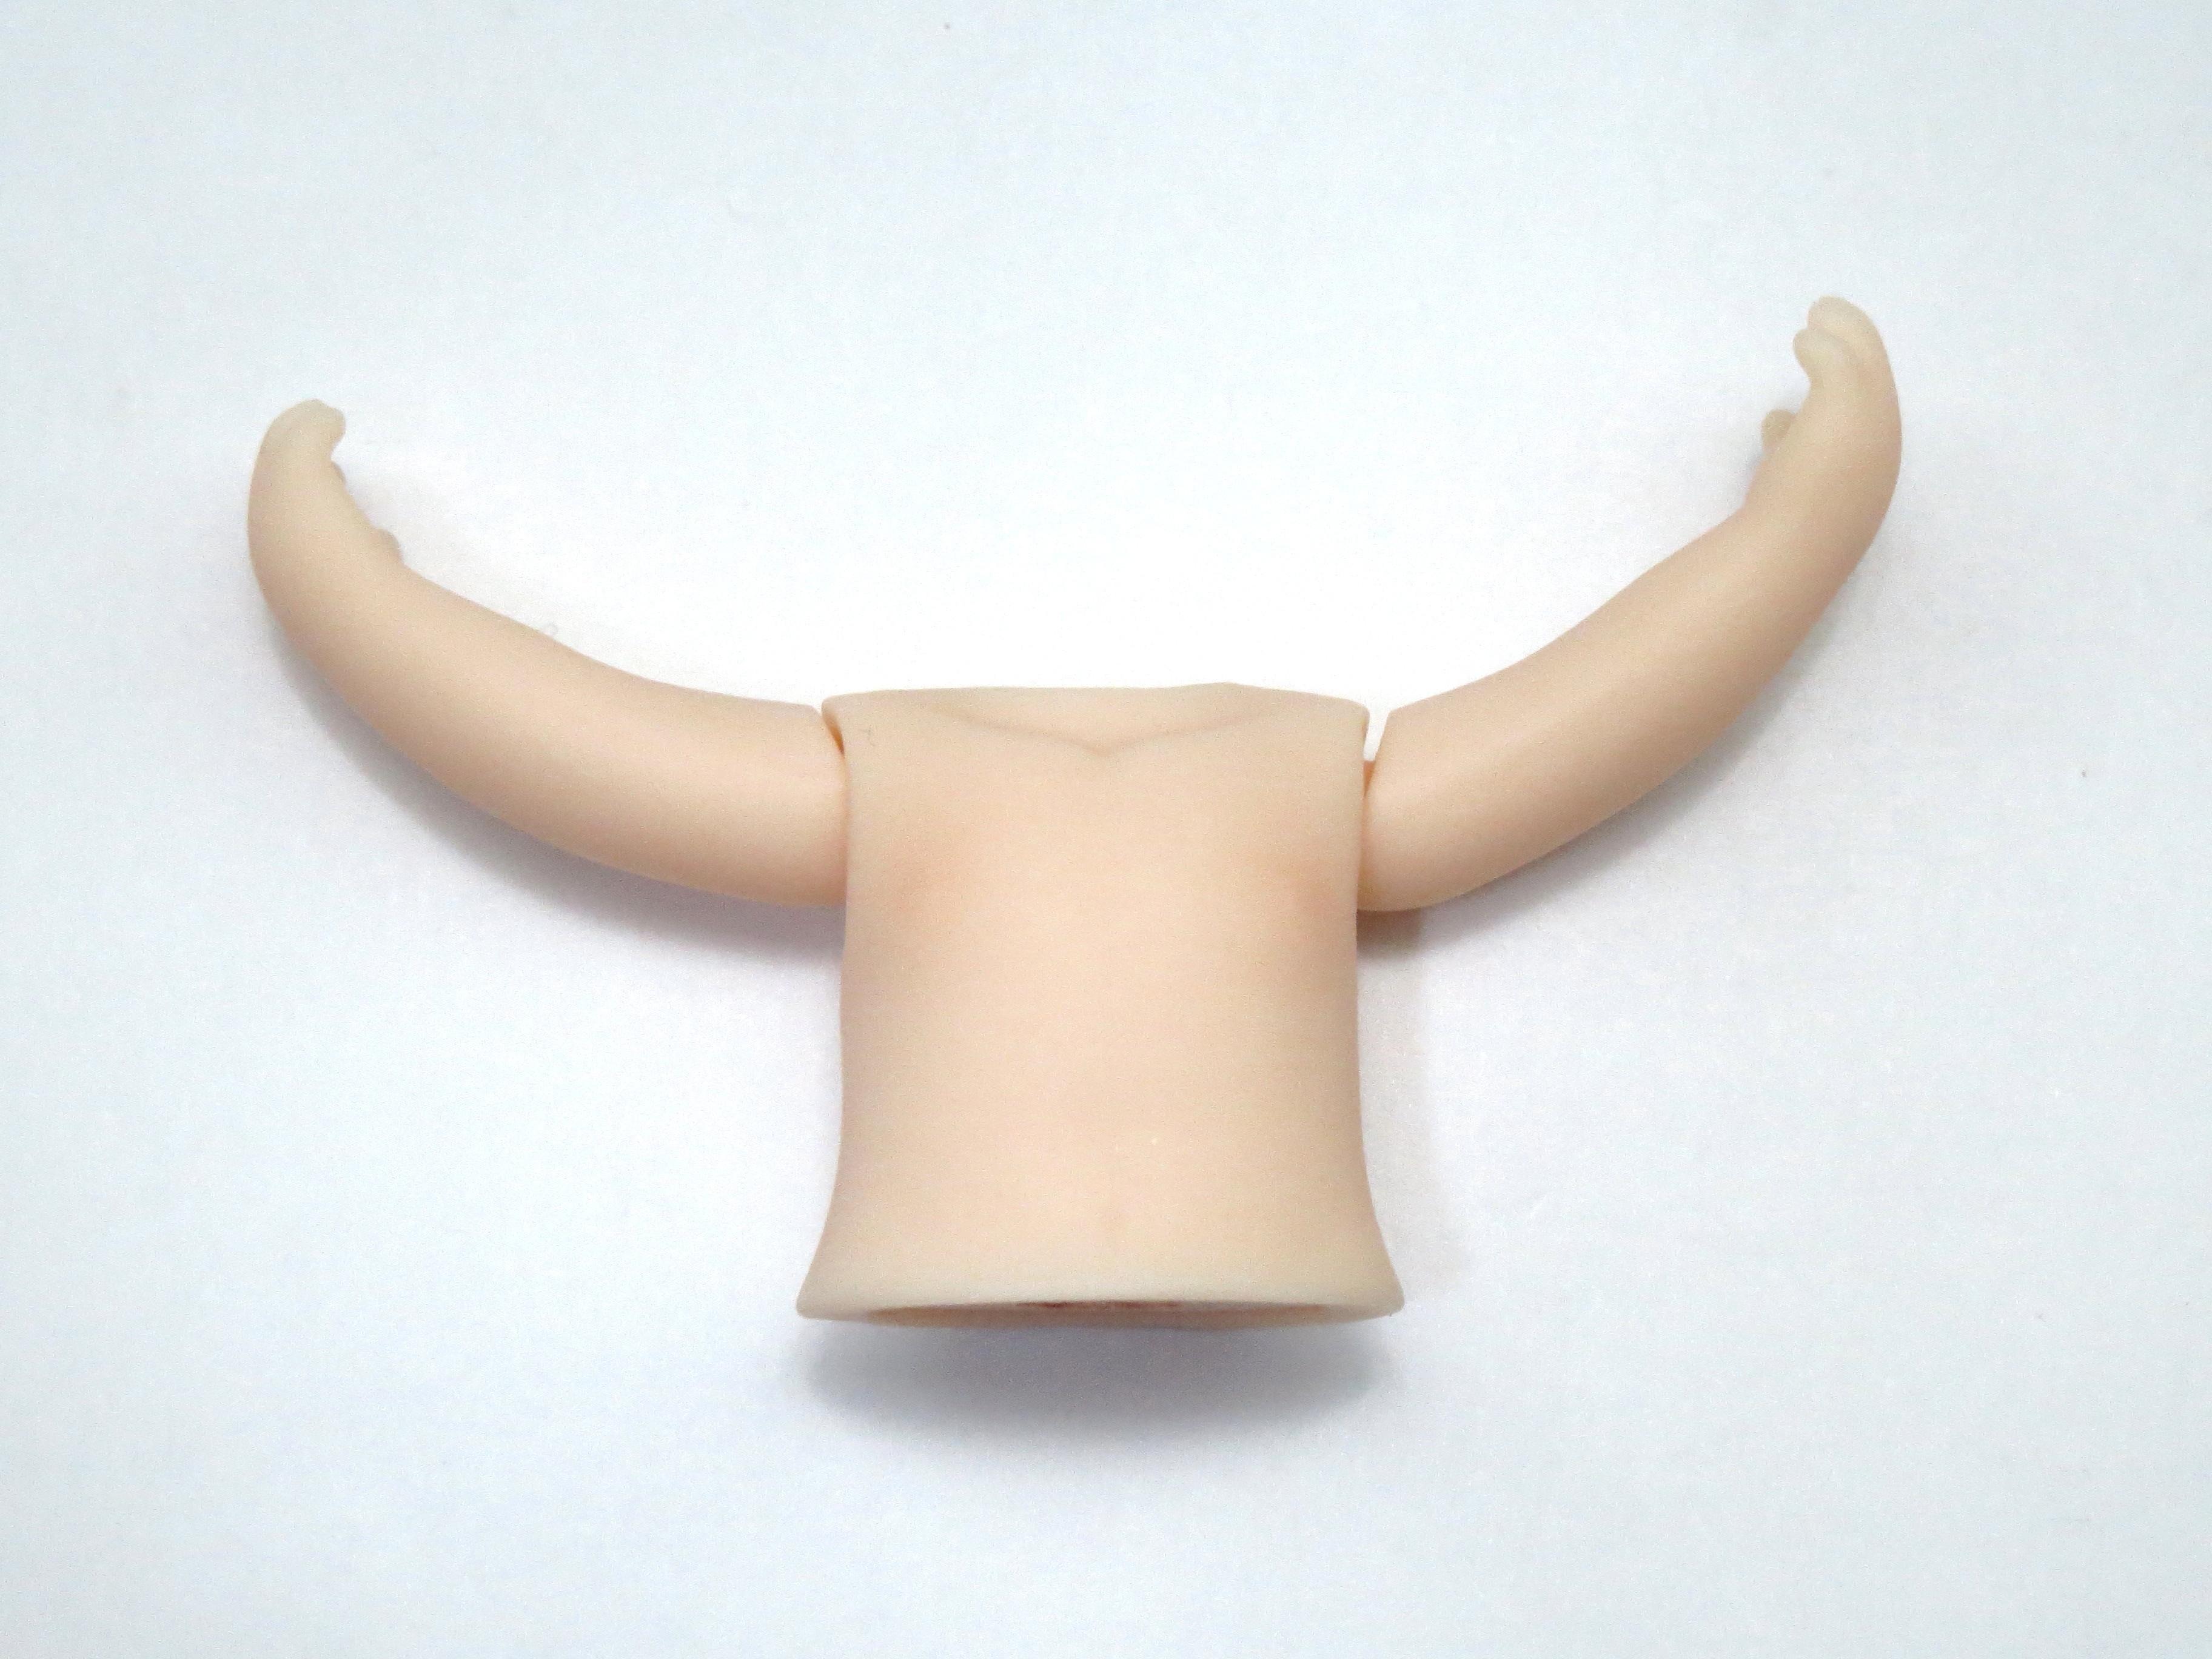 【SALE】【418】 蒼葉&蓮 体パーツ 半裸 ねんどろいど